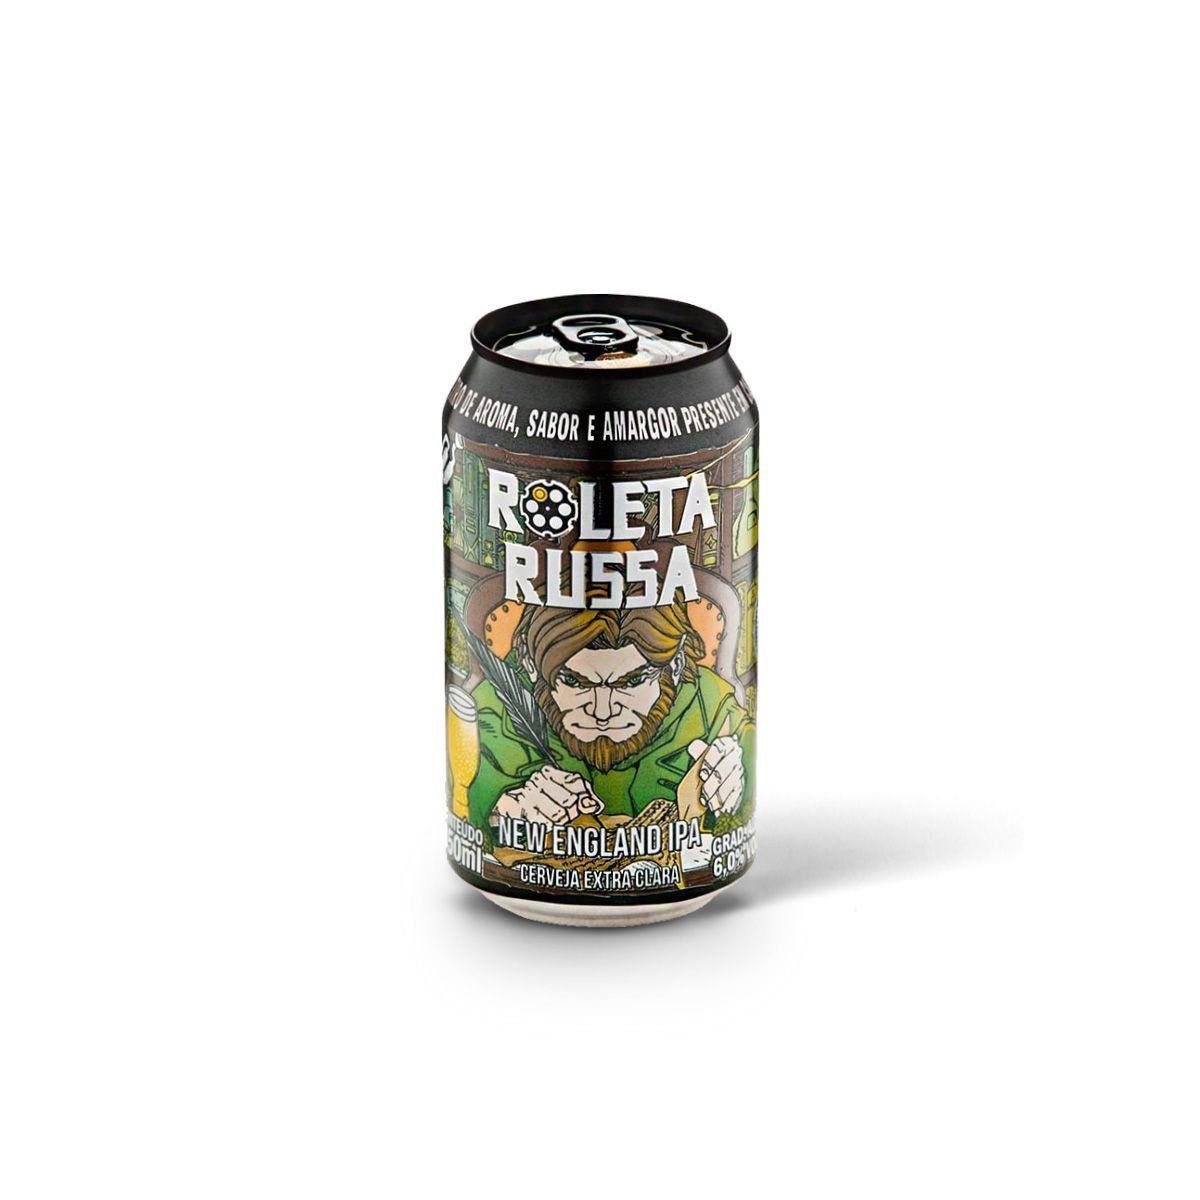 Roleta Russa New England IPA 350ml  - RS BEER - Cervejas Gaúchas